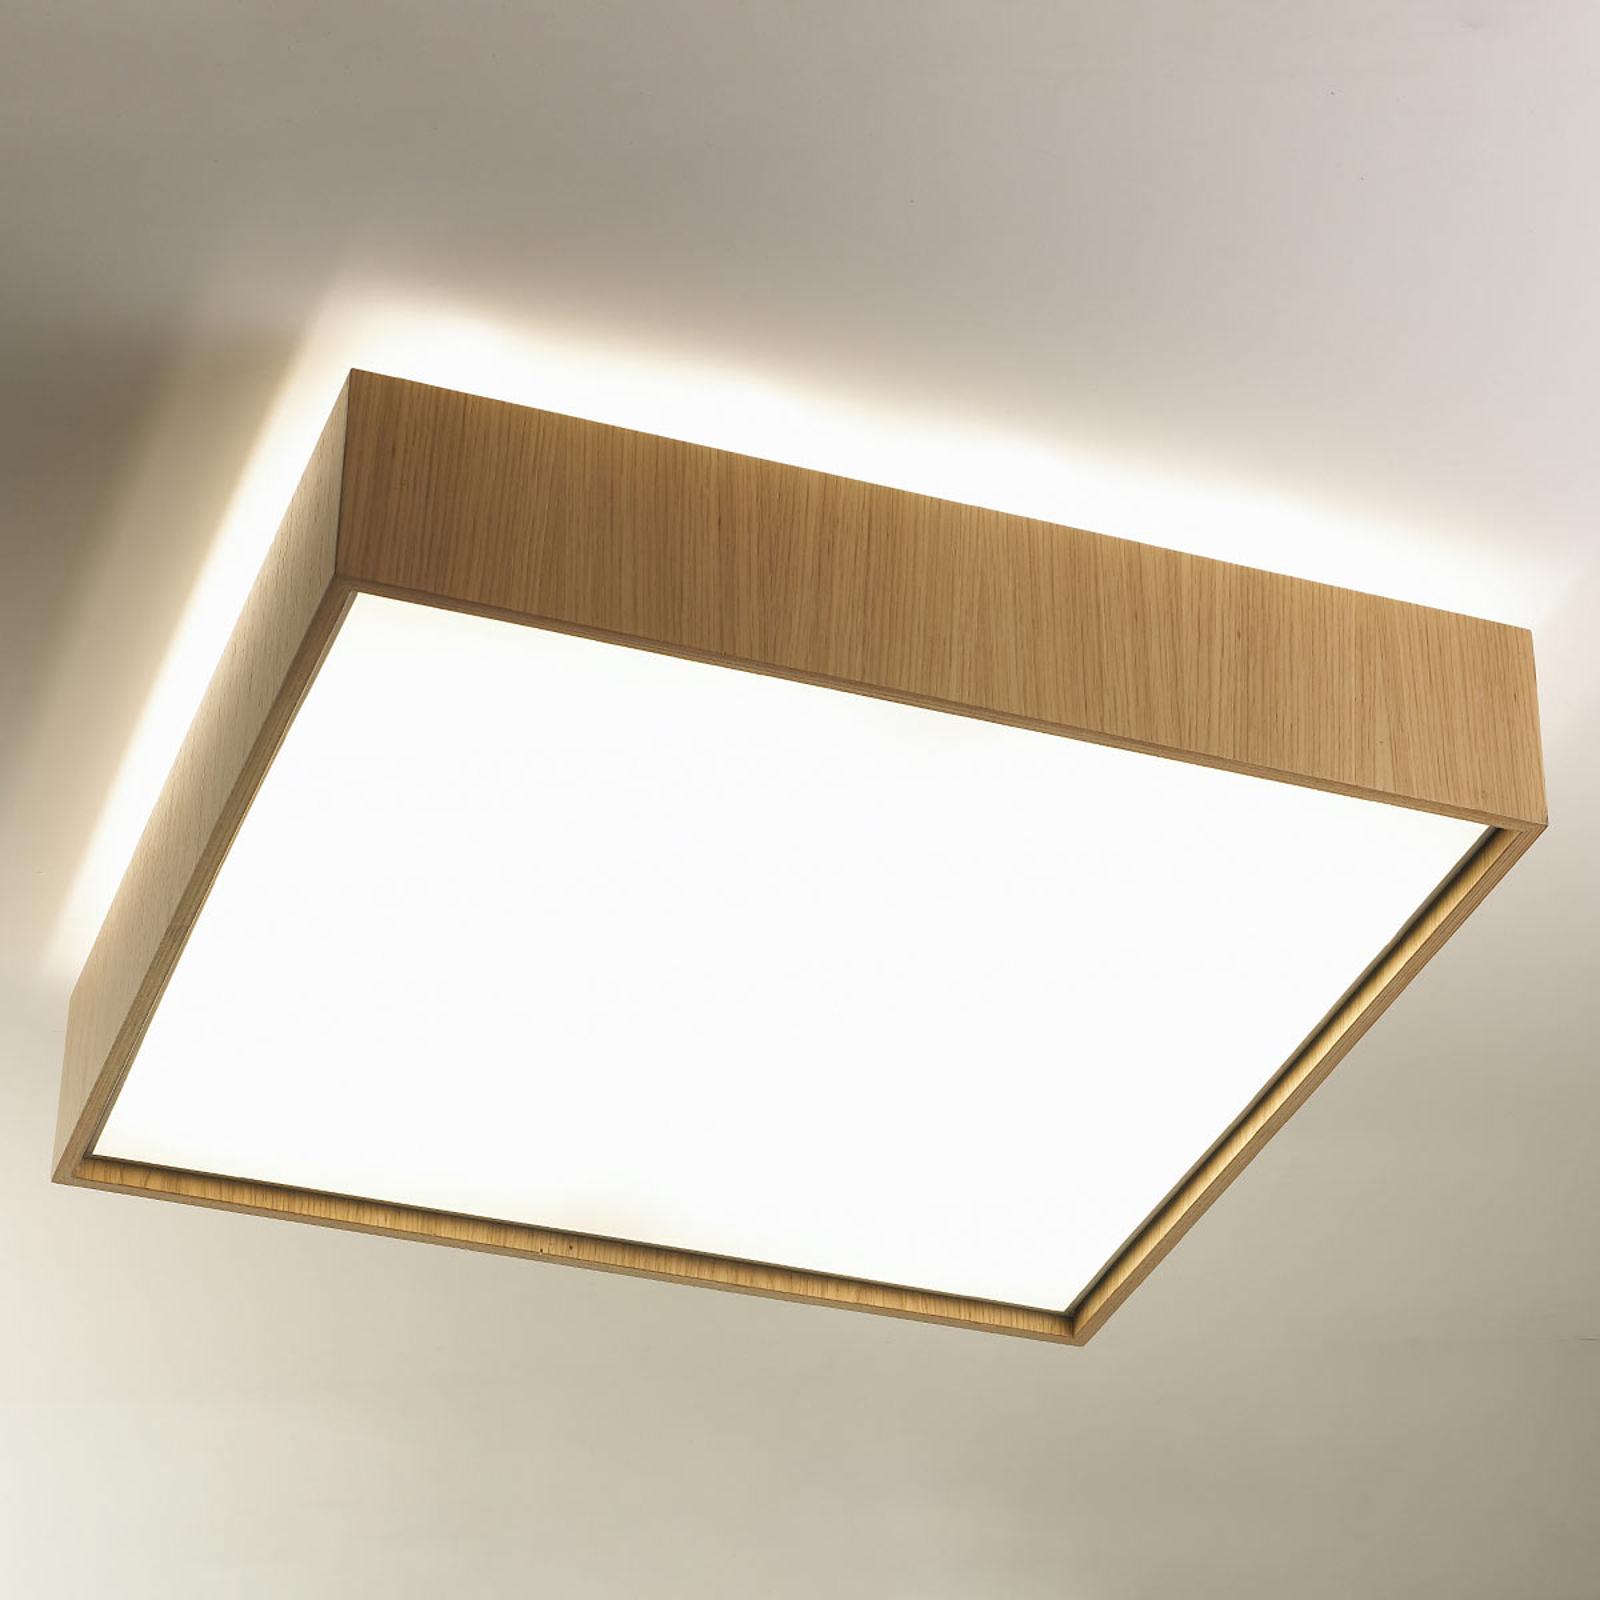 Deckenlampe Quadrat C m. LED 60x60 eiche